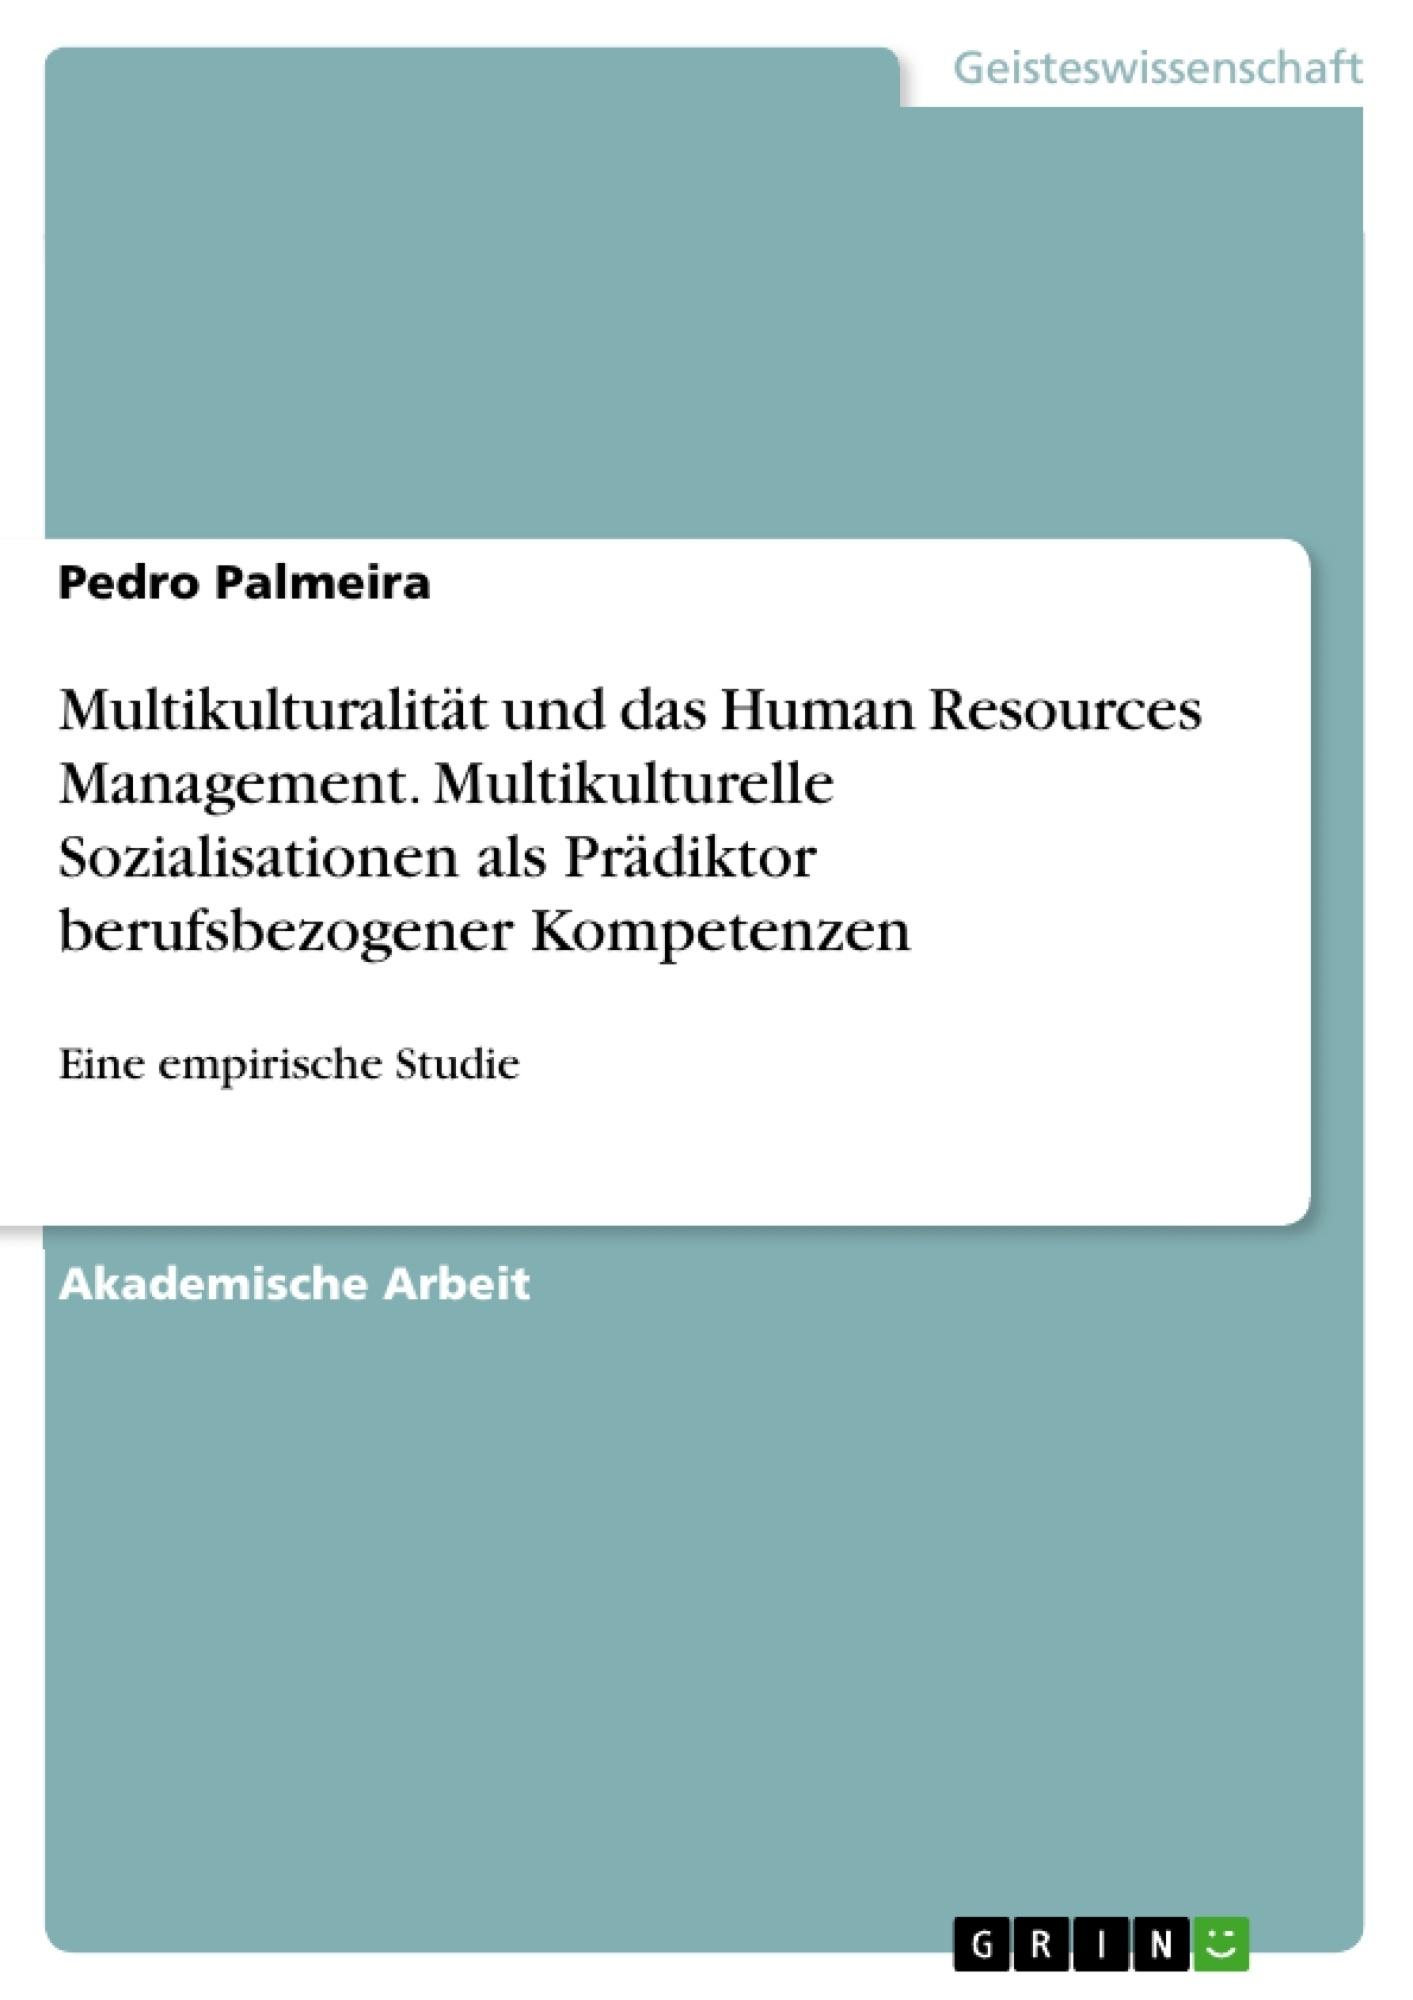 Titel: Multikulturalität und das Human Resources Management. Multikulturelle Sozialisationen als Prädiktor berufsbezogener Kompetenzen